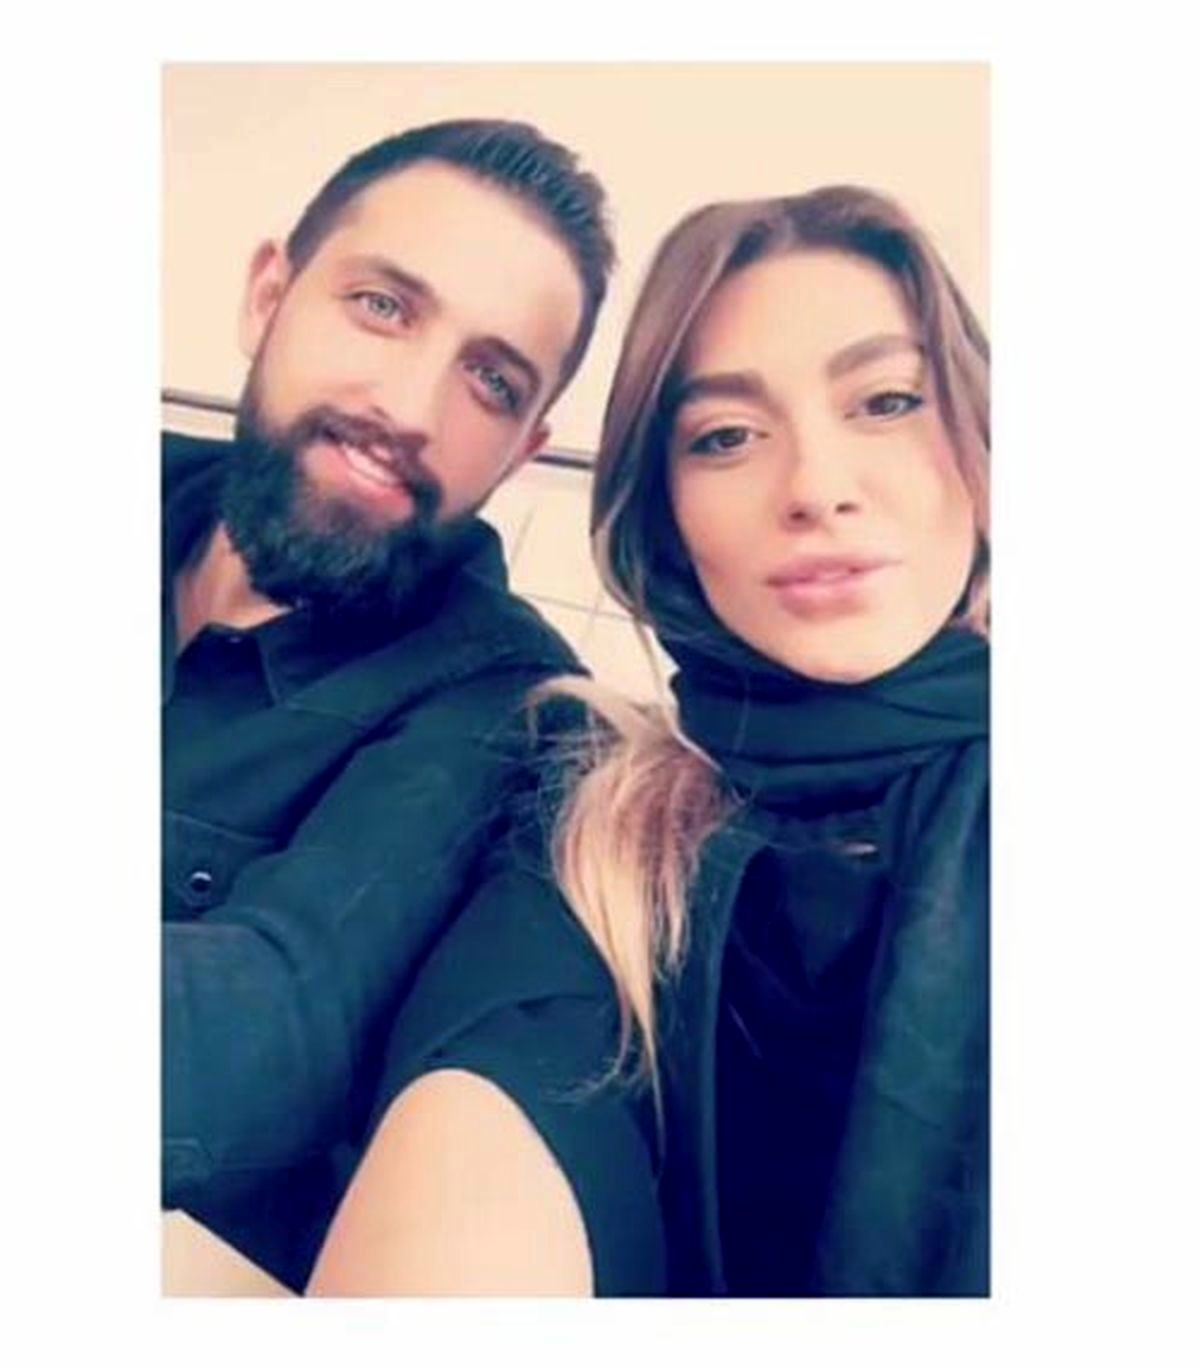 عکس های دیده نشده از محسن افشانی و همسرش در اینستاگرام